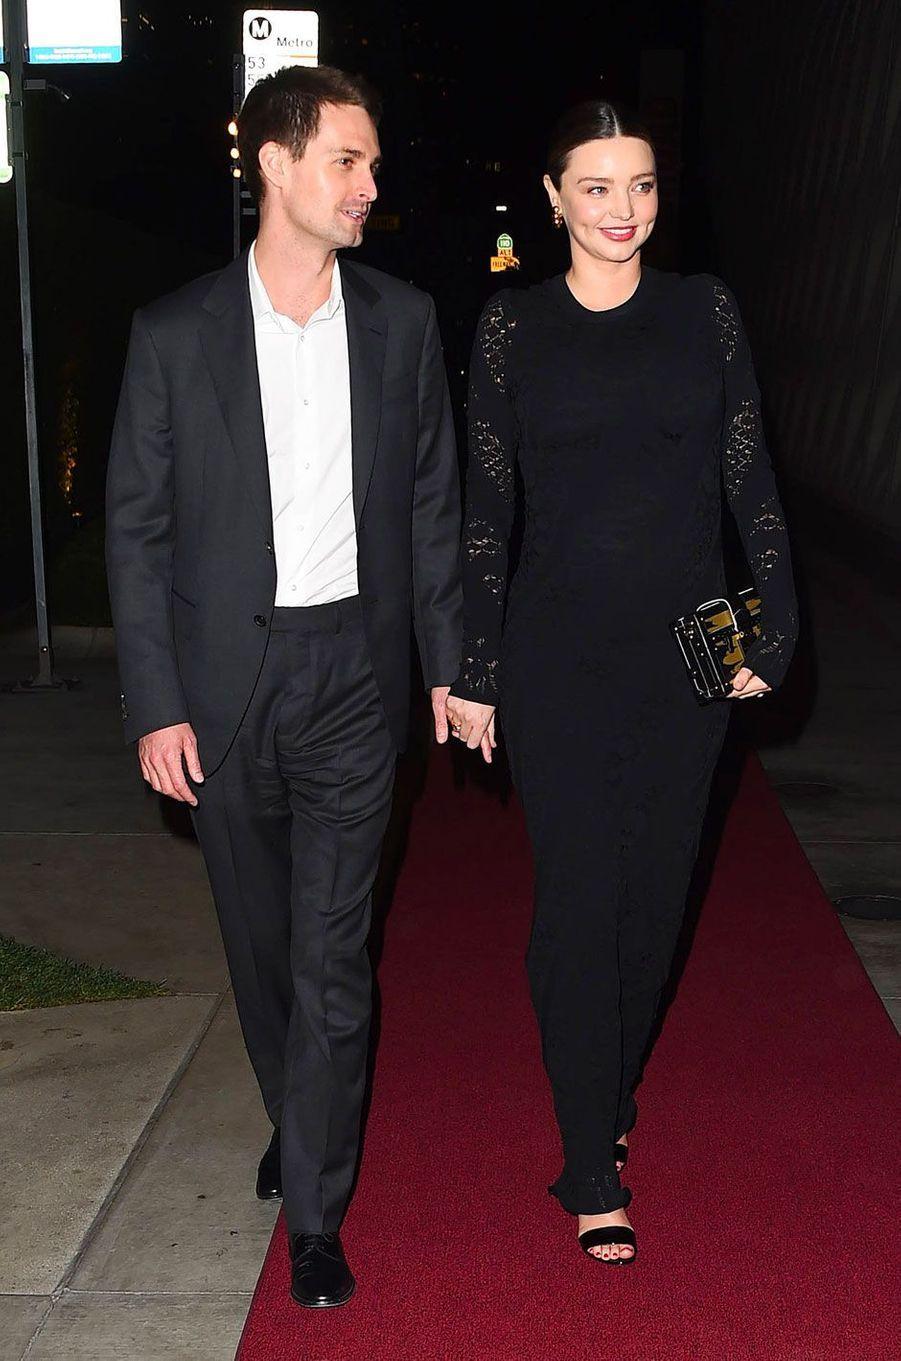 Miranda Kerr et Evan Spiegel à une soirée organisée par Louis Vuitton, à Los Angeles le 8 février 2018